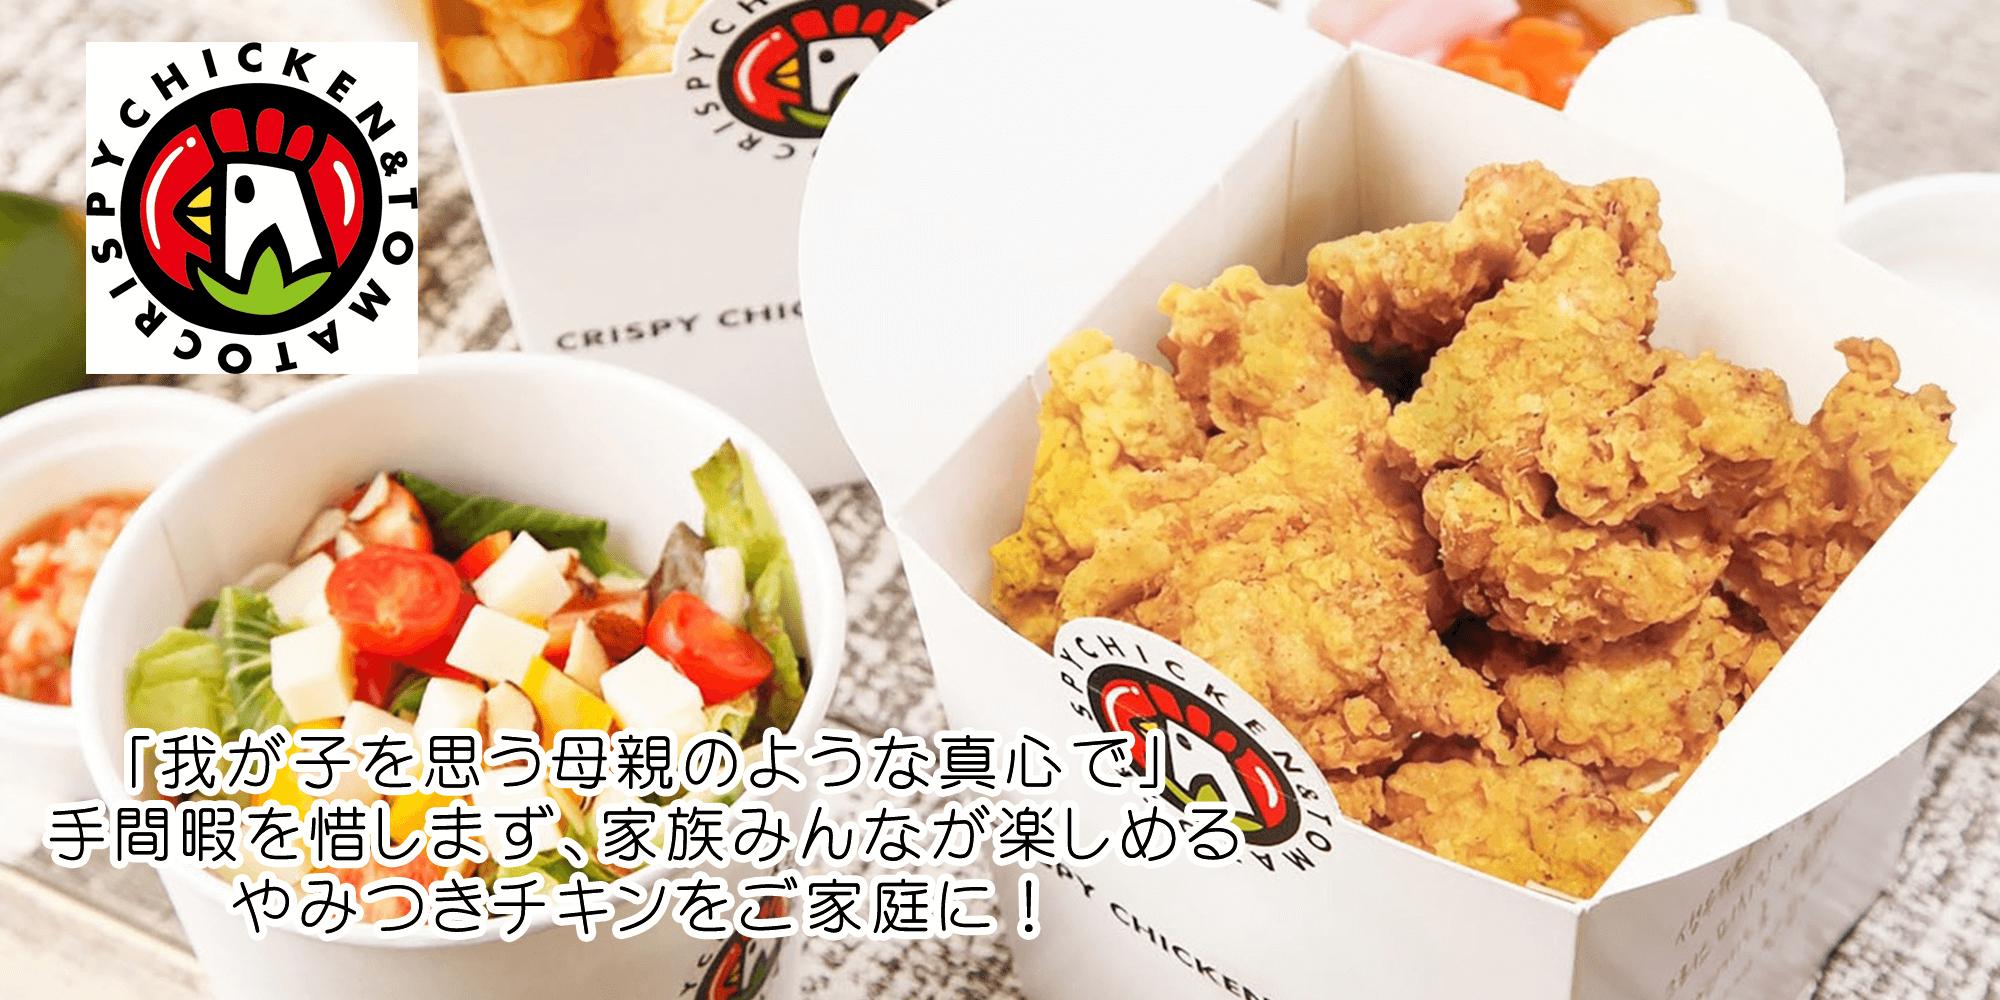 チキン アンド トマト クリスピー